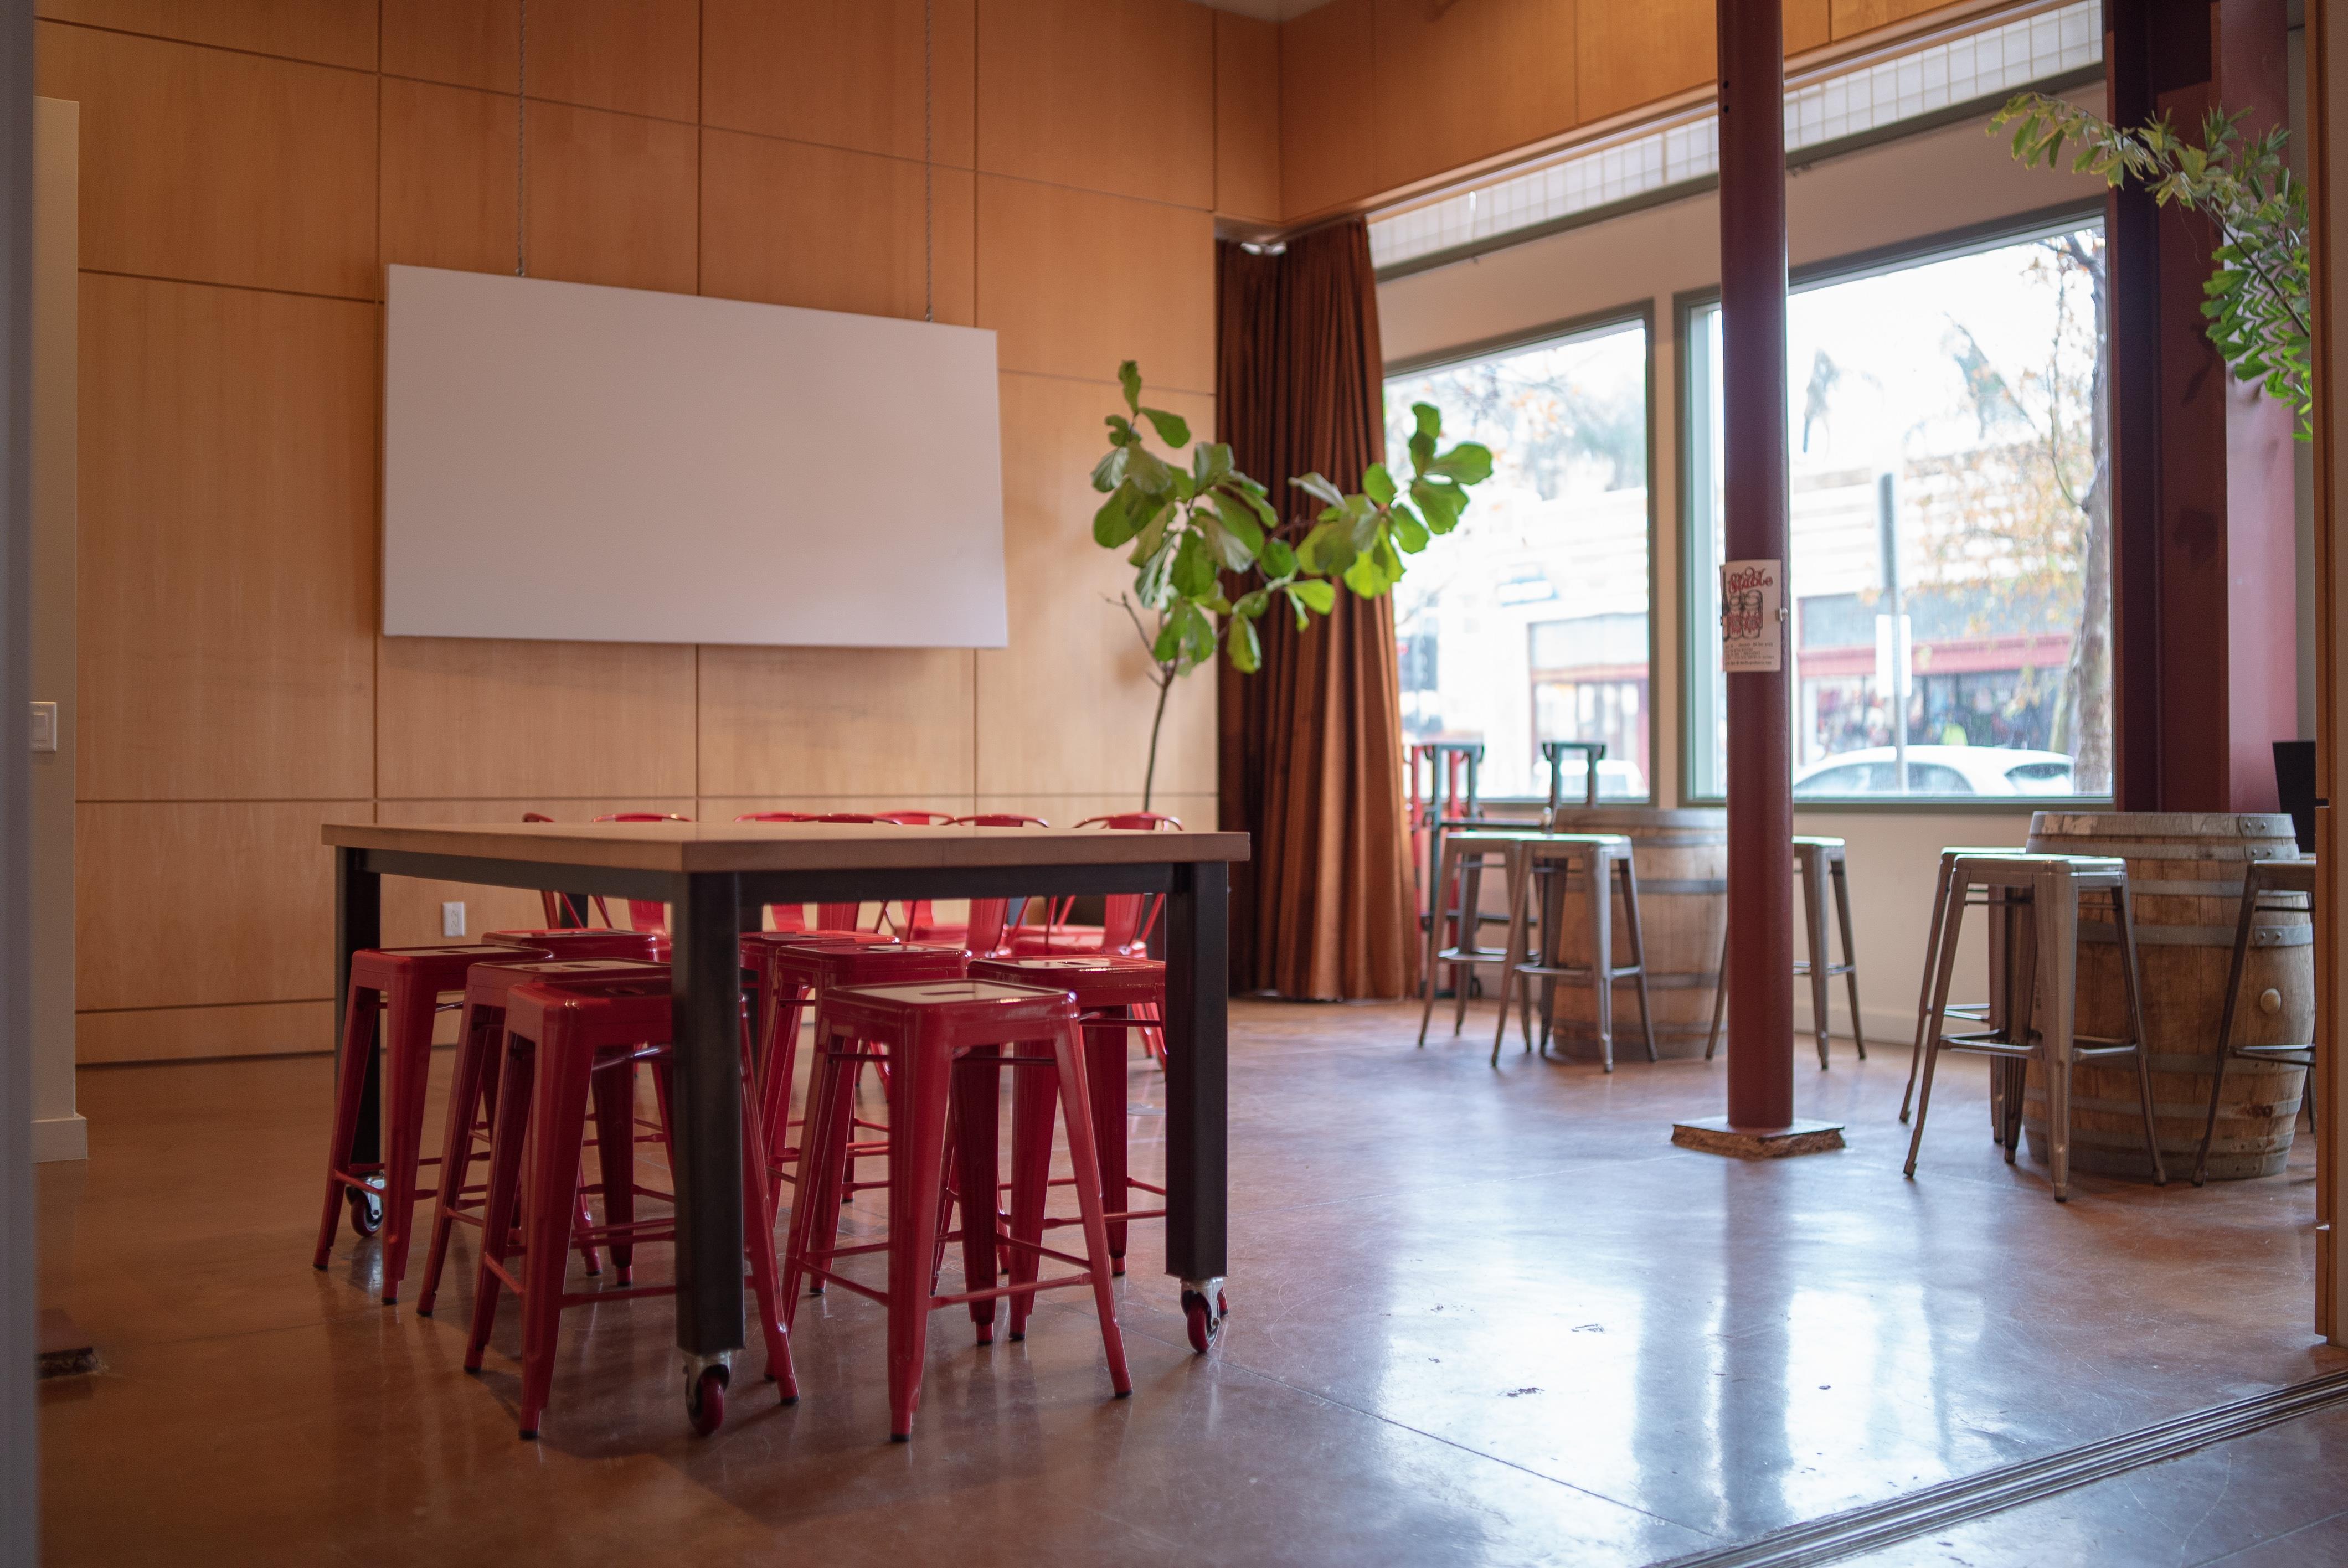 CultureDTSA - Society Room